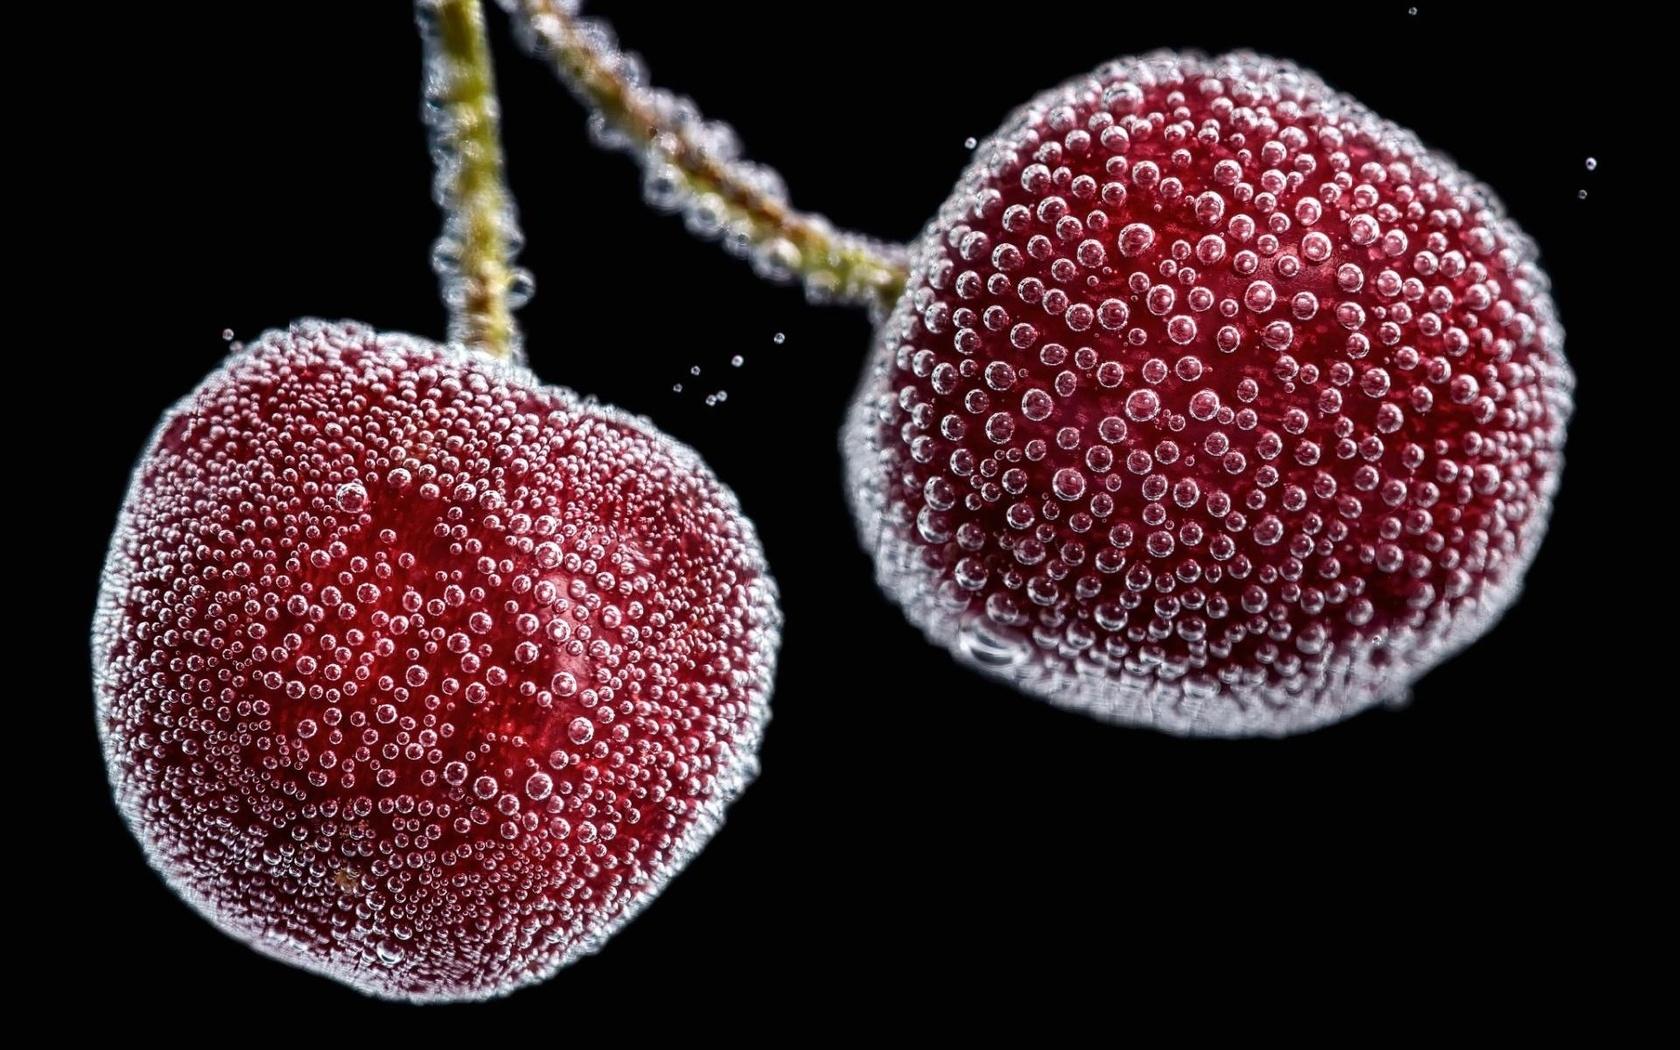 фото, вишни, пузырьки, воздух, красиво